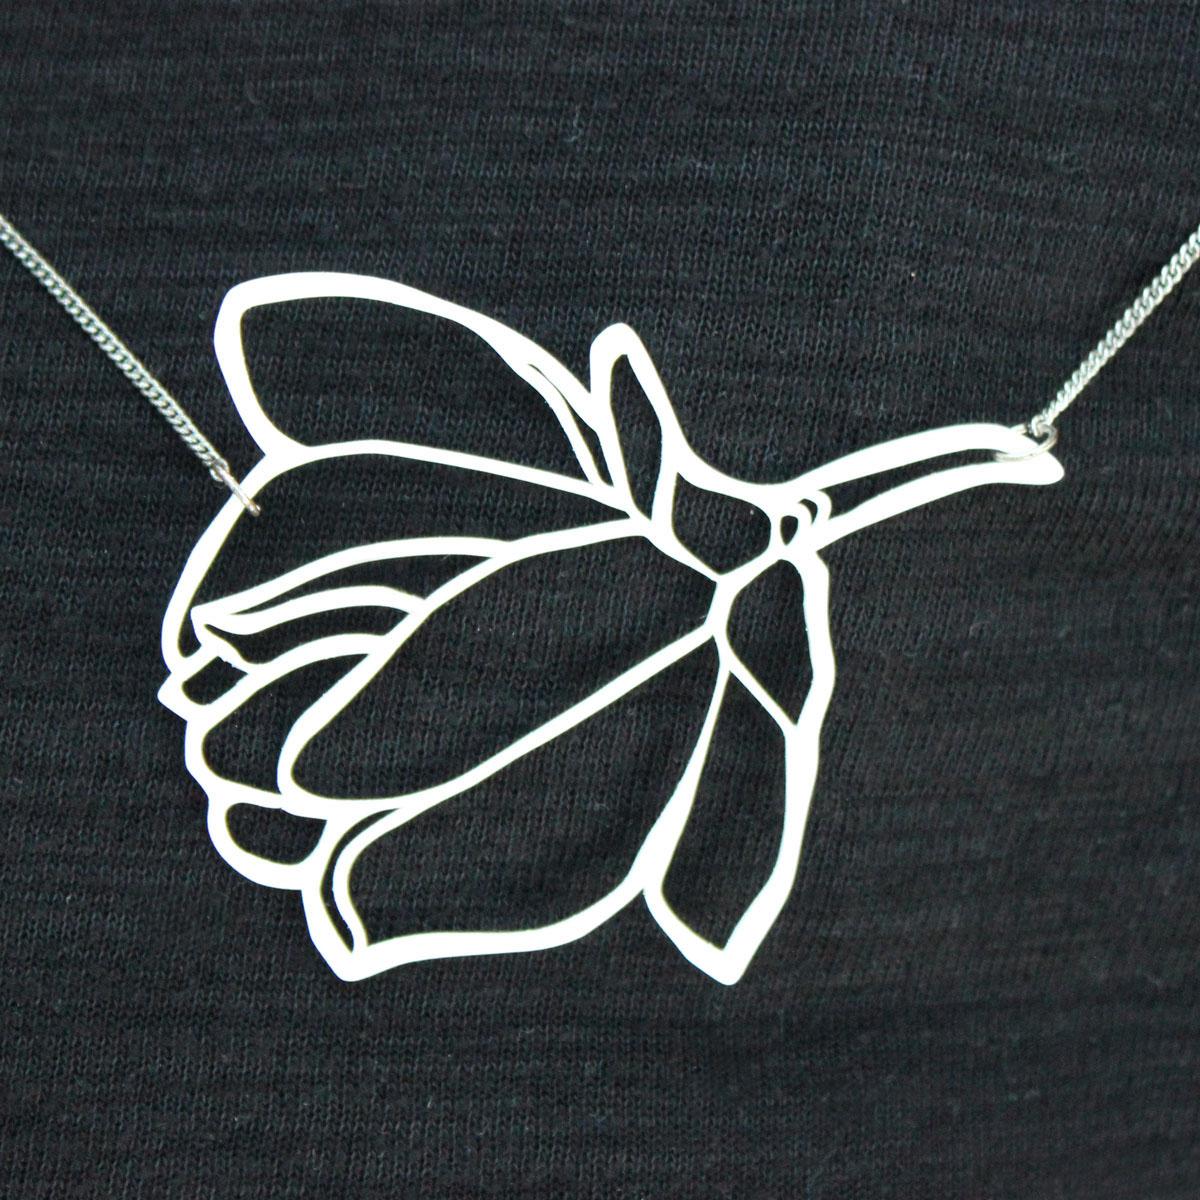 Geplottete Halskette aus Schrumpffolie